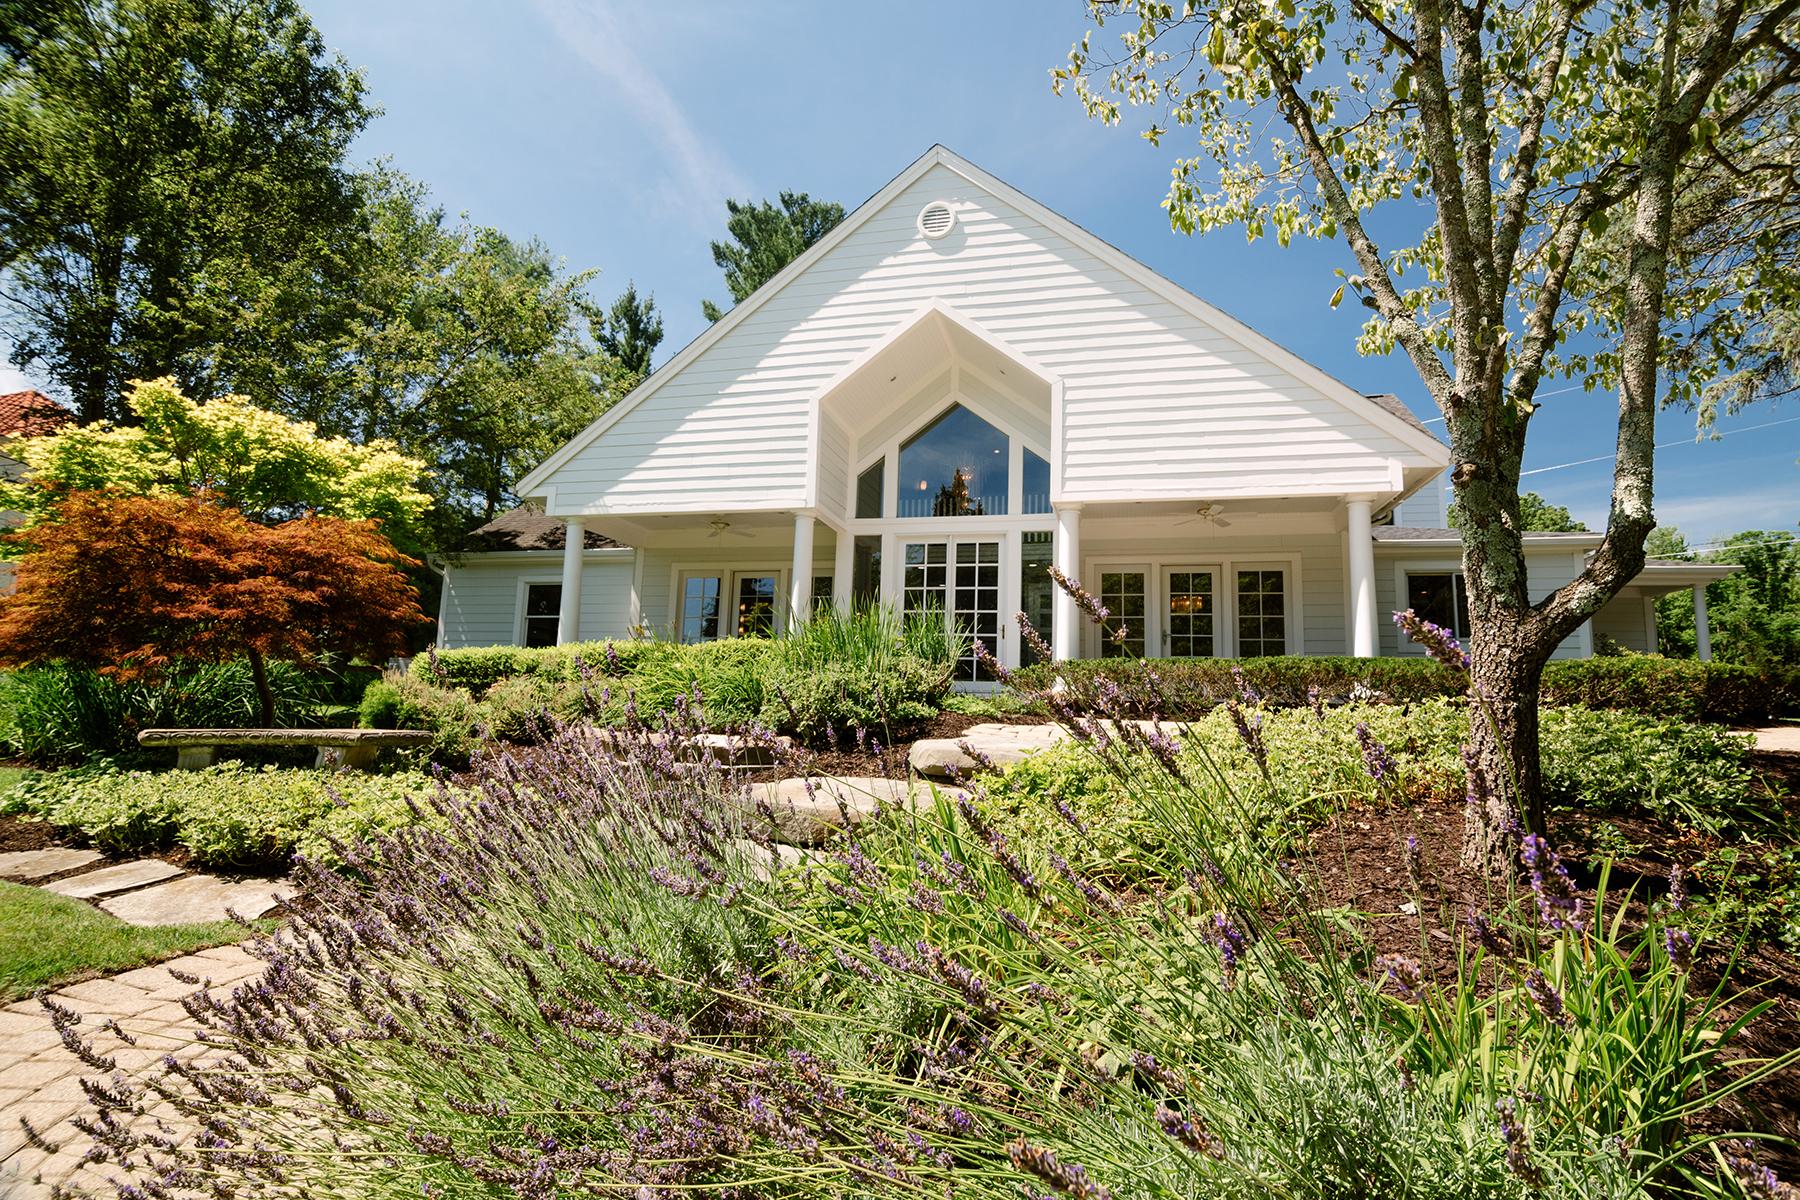 Casa Unifamiliar por un Venta en Northville 18651 Sheldon Northville, Michigan, 48168 Estados Unidos